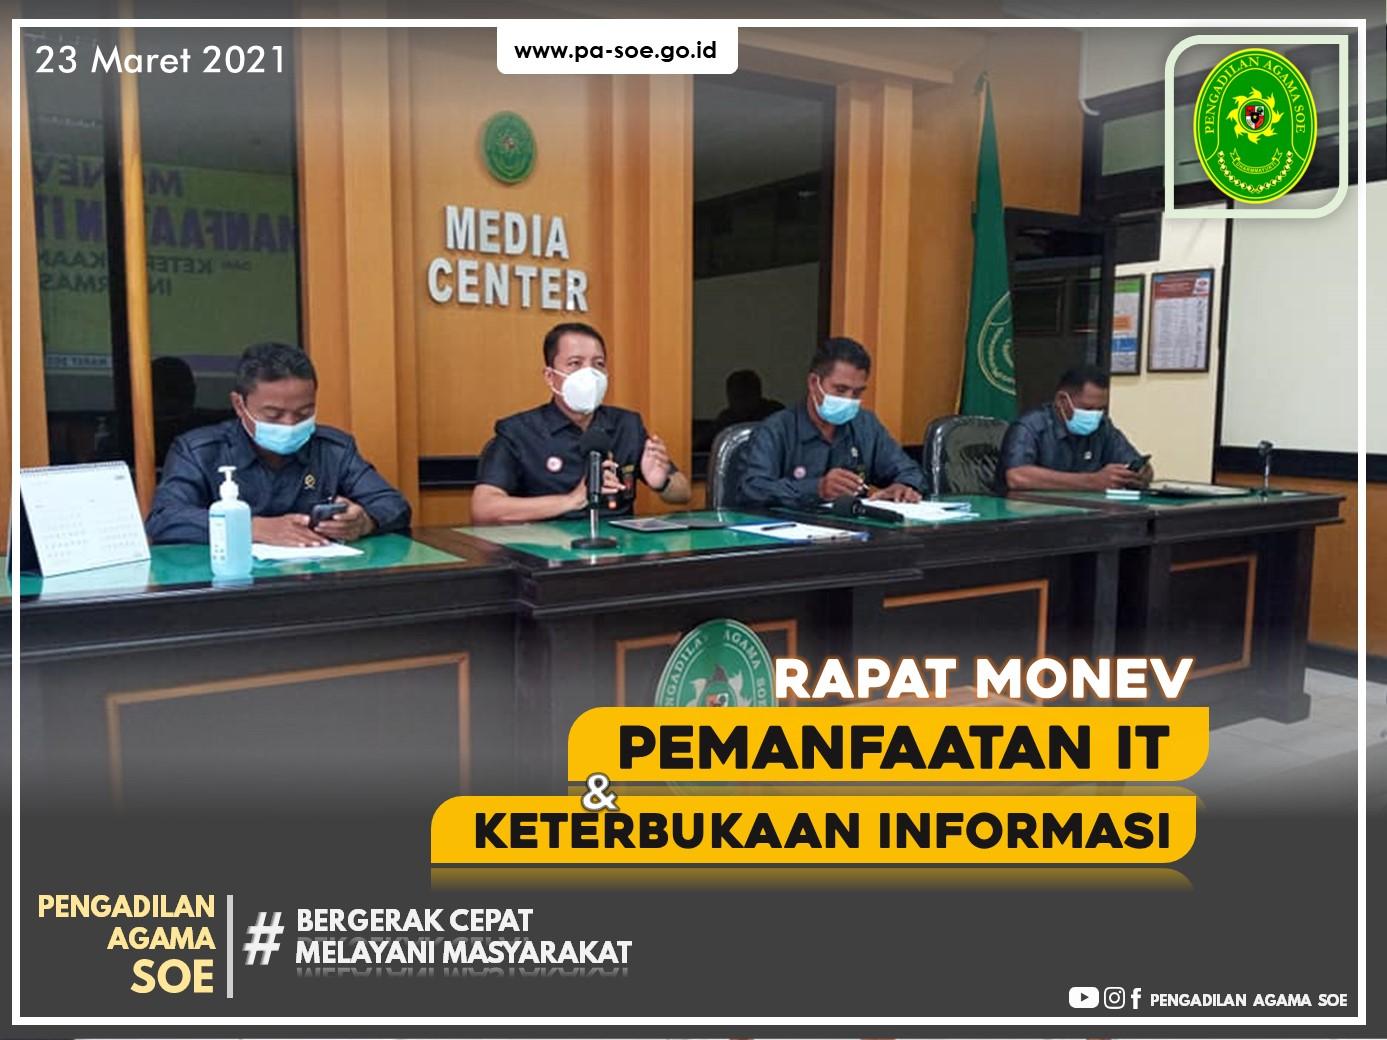 Rapat Monev Pemanfaatan IT dan Keterbukaan Informasi